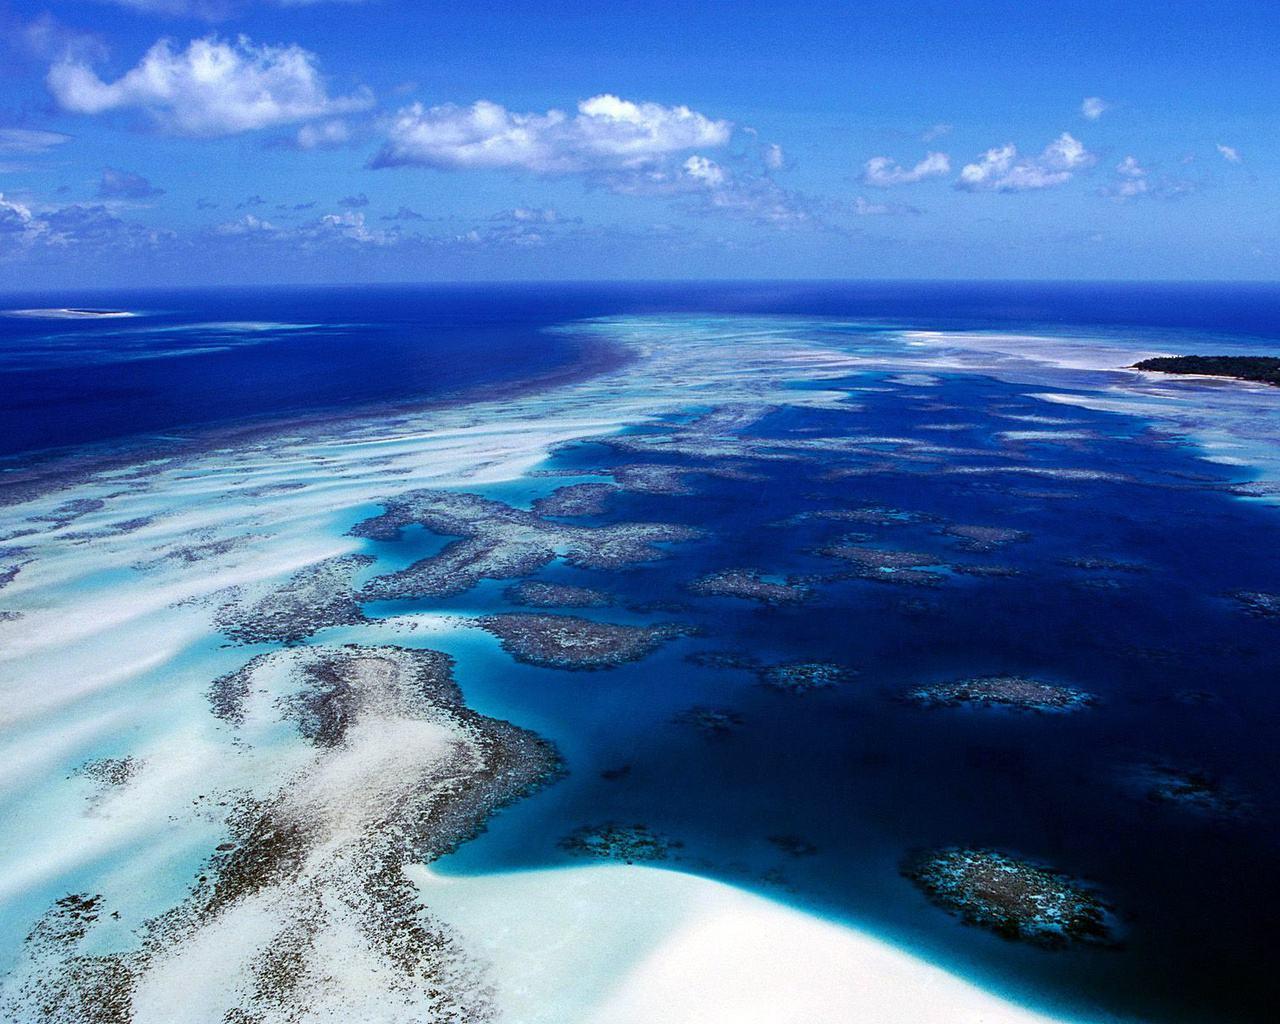 Картинки синее море - e